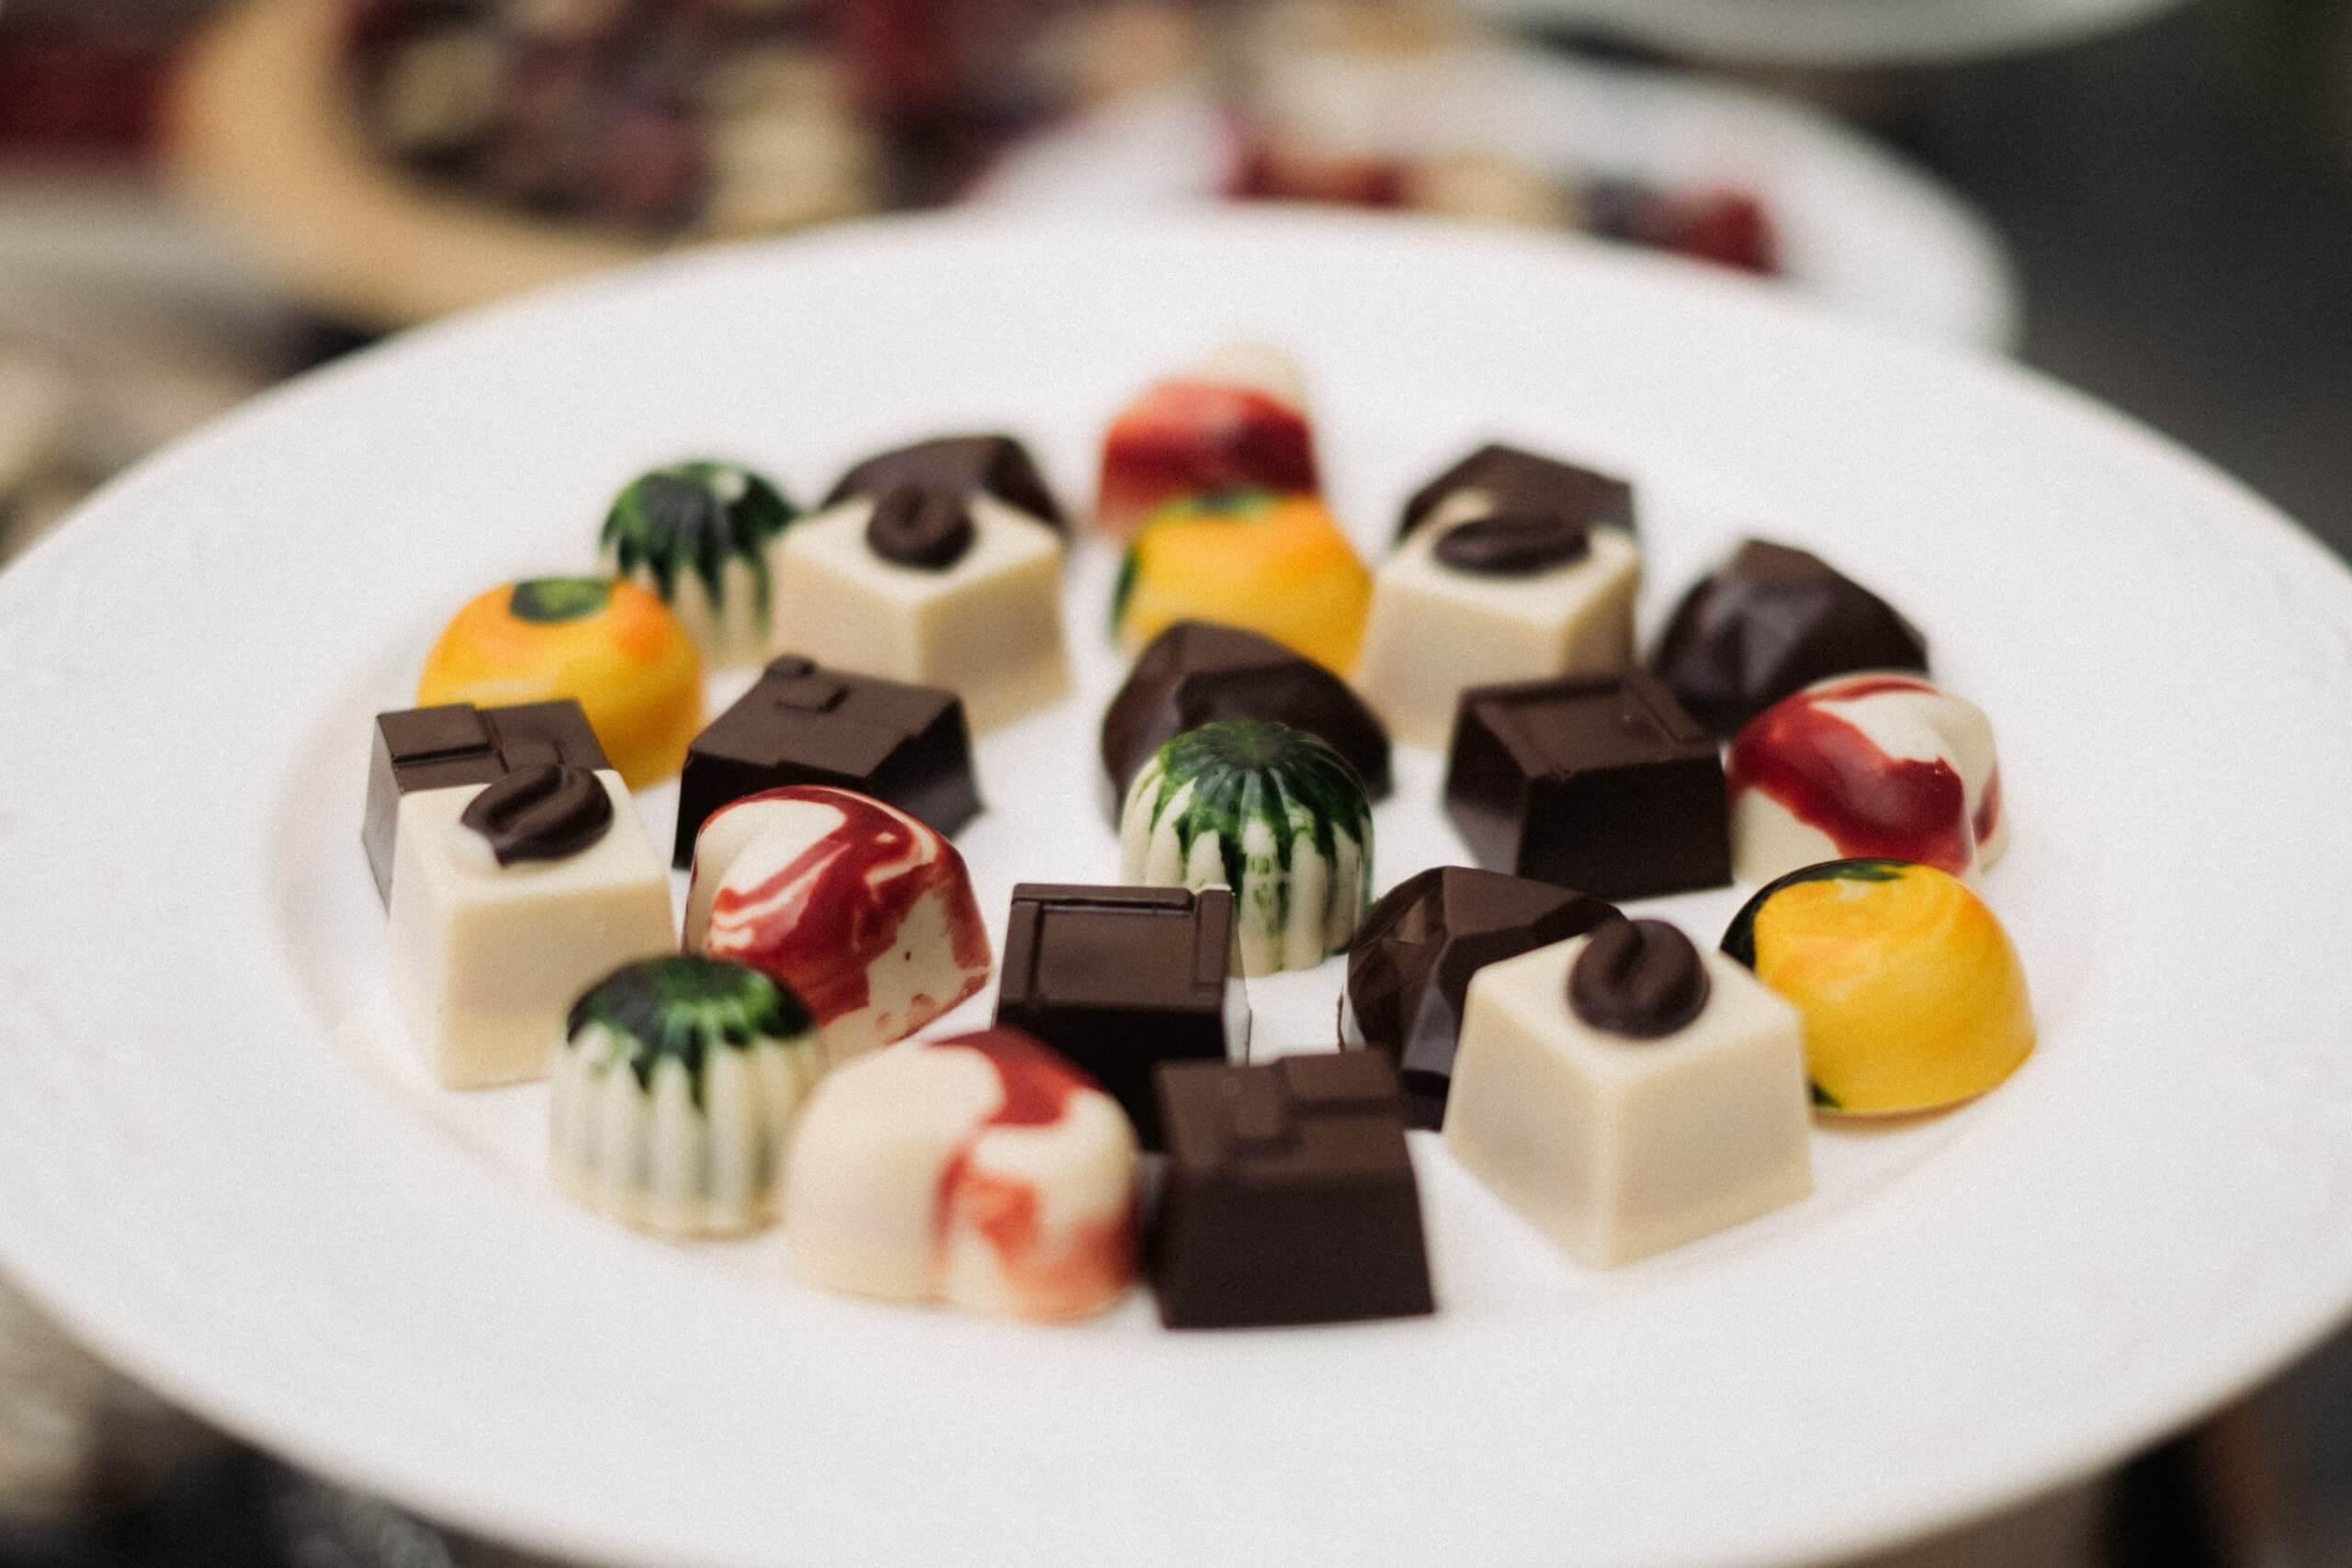 platou cu praline de la Chocolate Delice